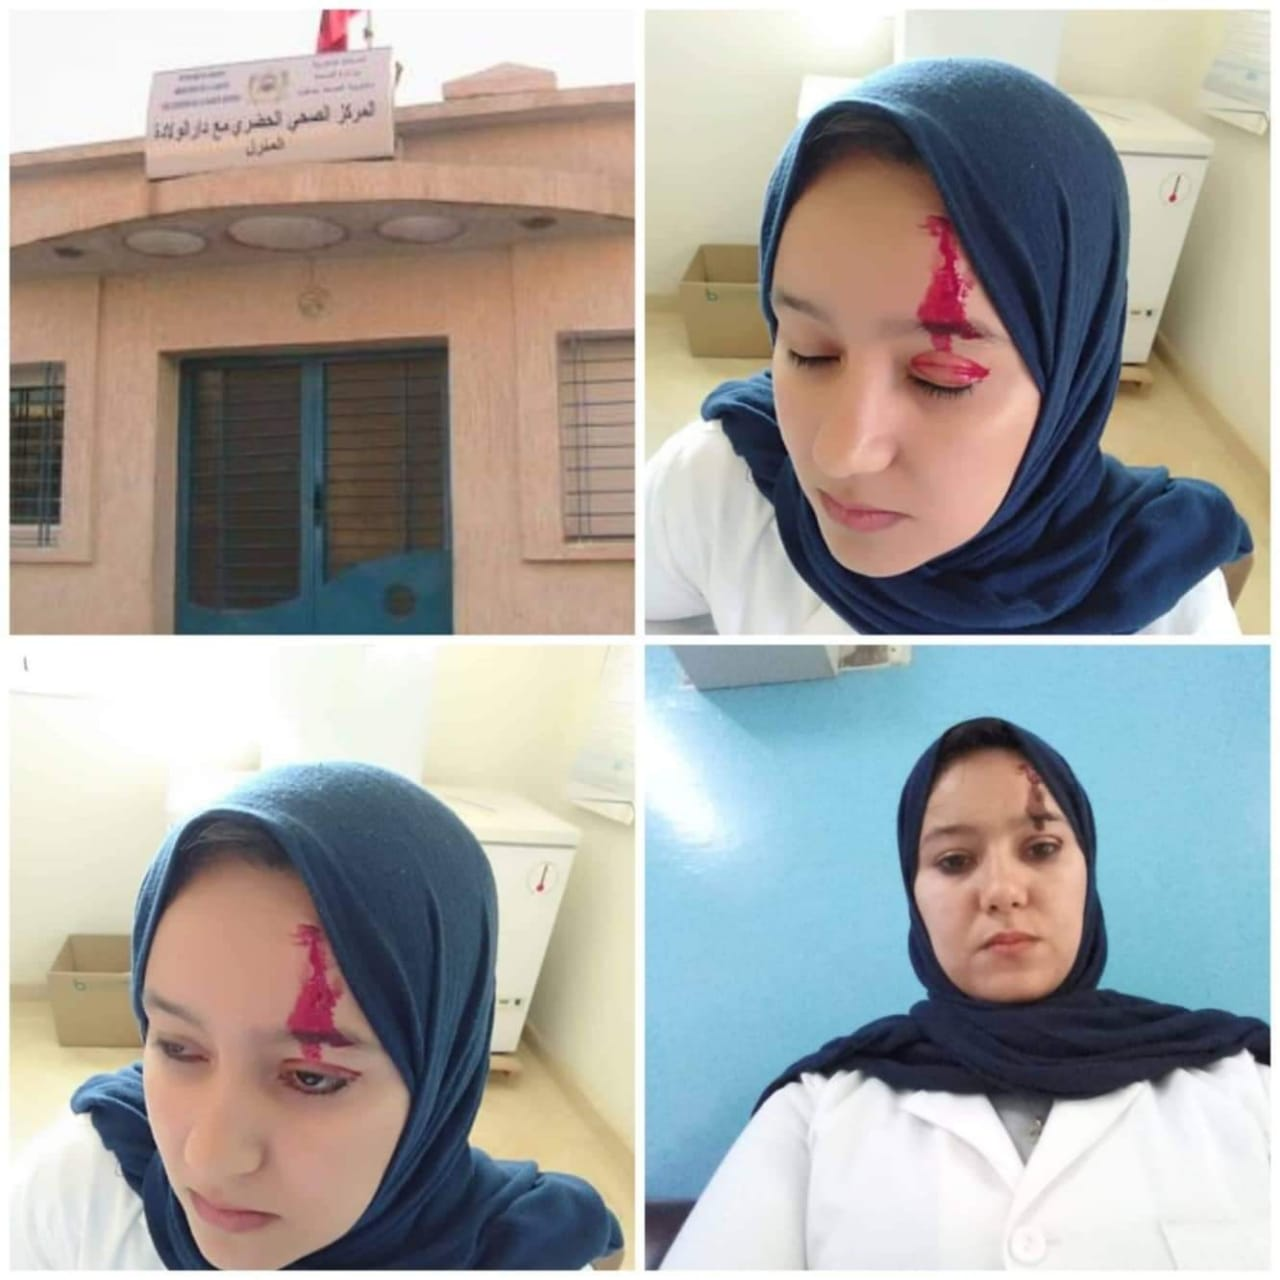 """اعتداء على ممرضة في مركز صحي بـ """"صفرو"""" والأطر الصحية تُدين"""